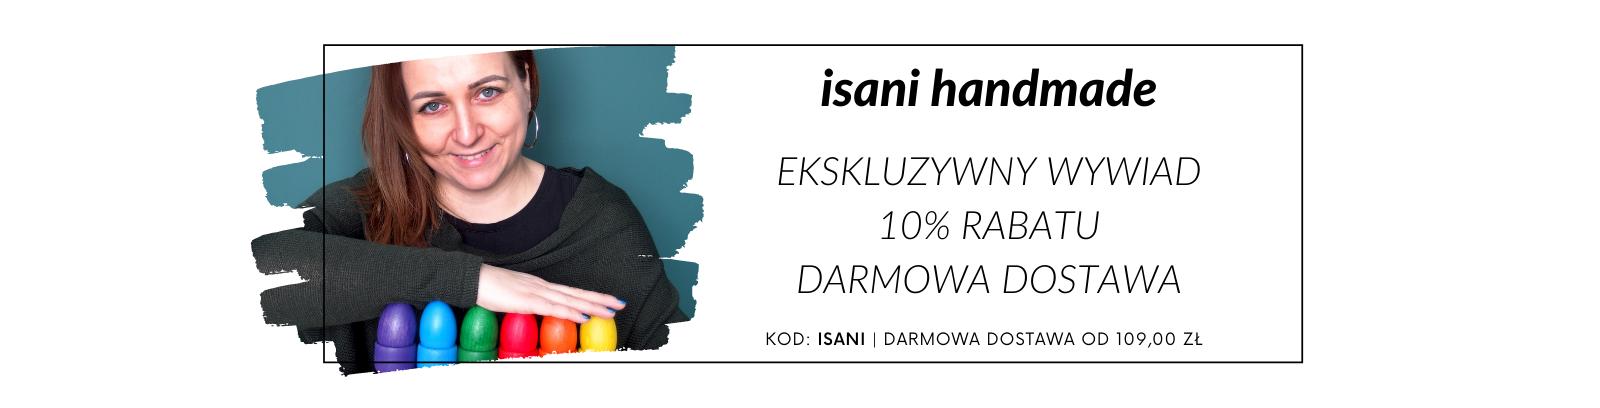 isani handmade  - wywiad, promocja i darmowa dostawa!